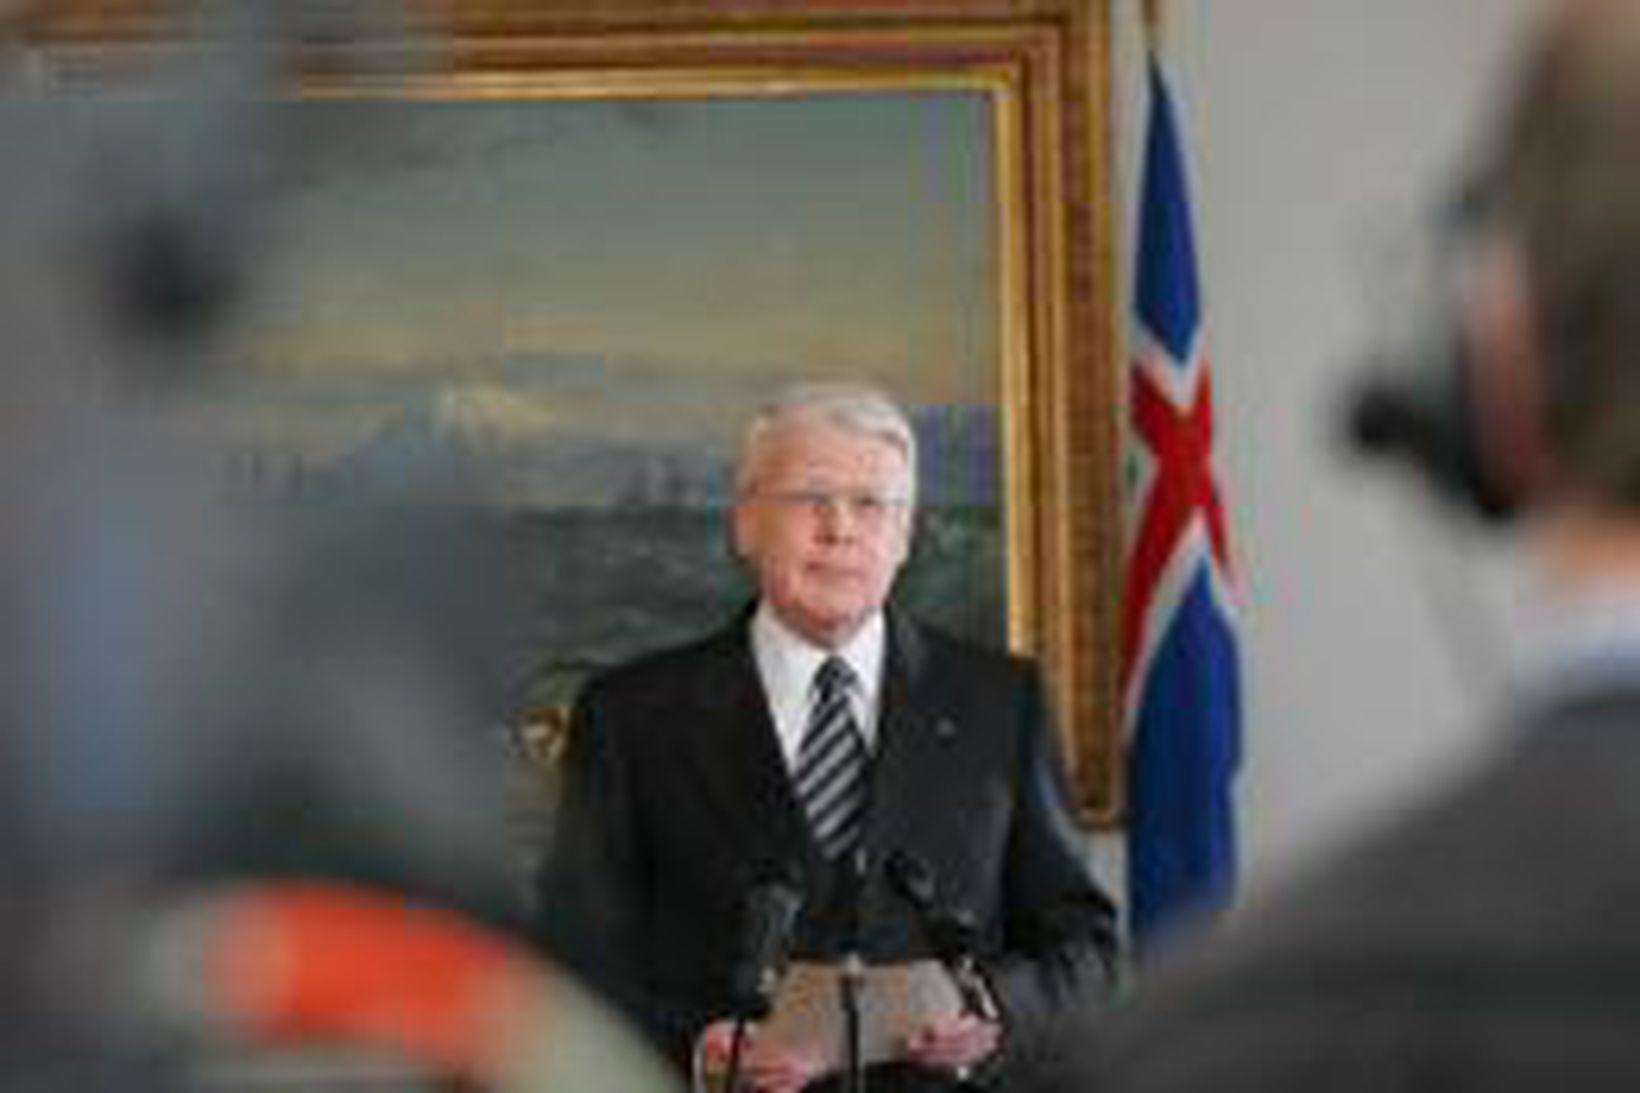 Ólafur Ragnar Grímsson les yfirlýsingu sína á Bessastöðum í dag.